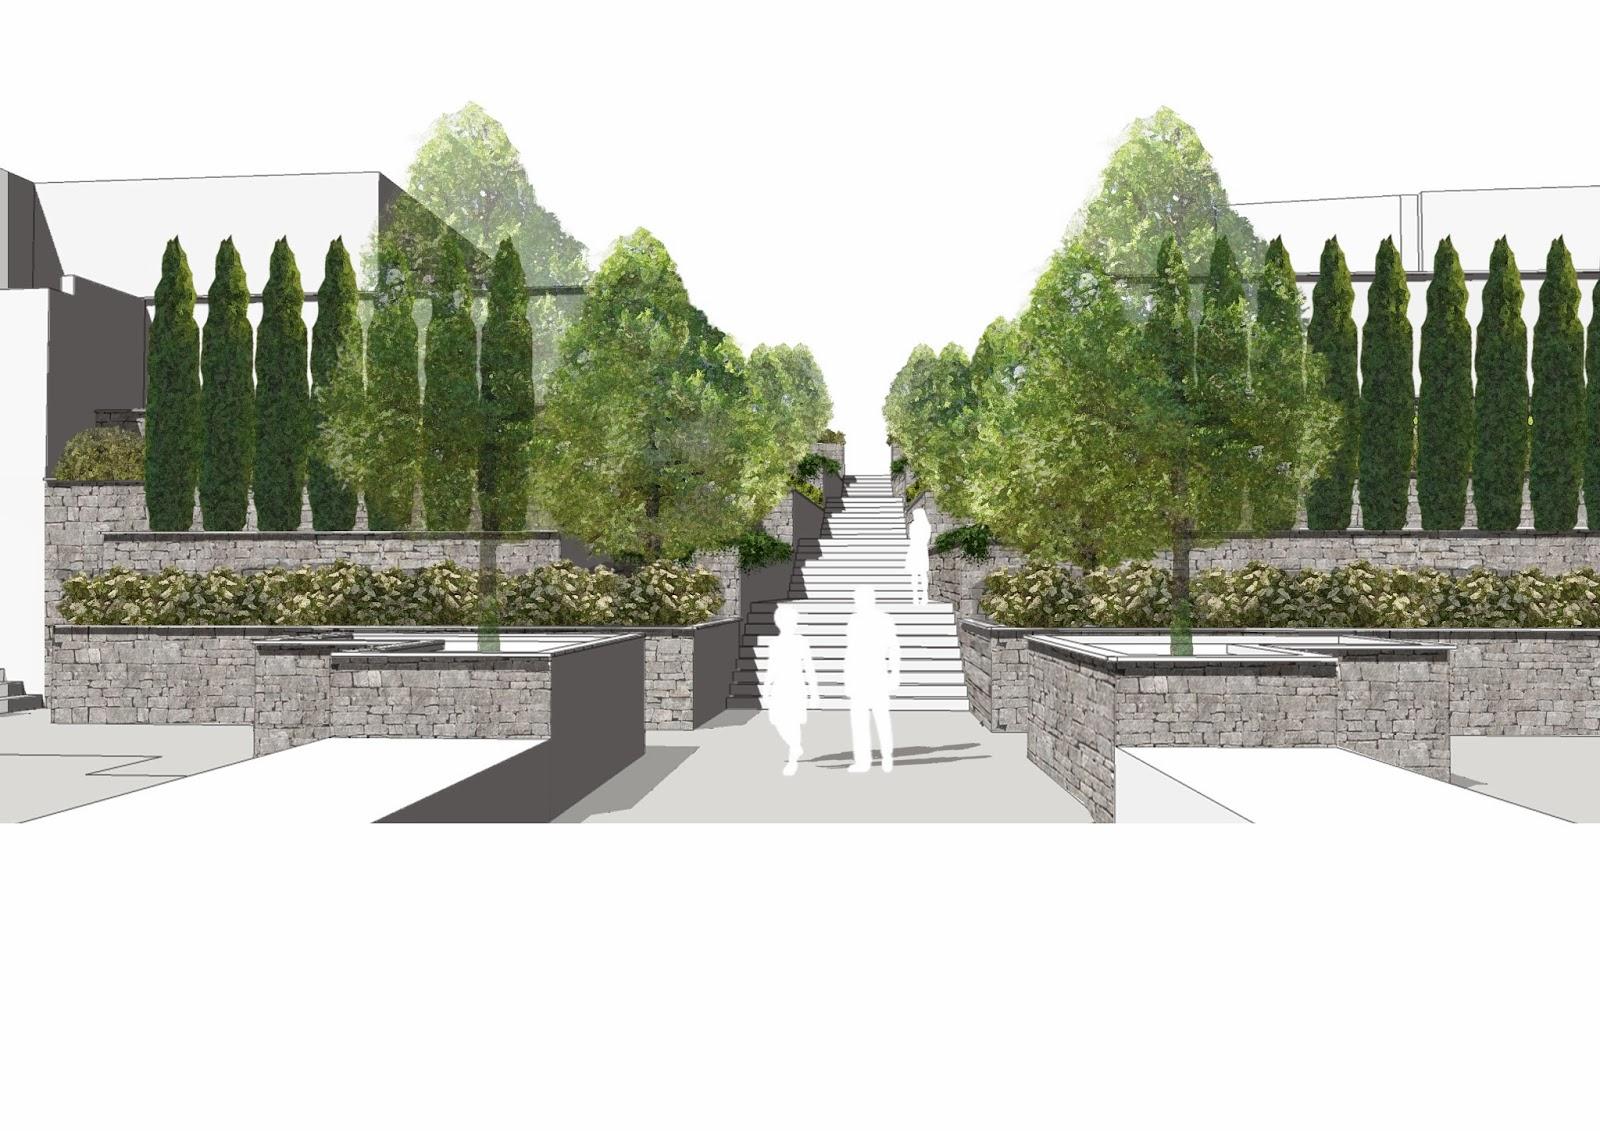 Ana ceruti landscape architect for Terra firma landscape architecture